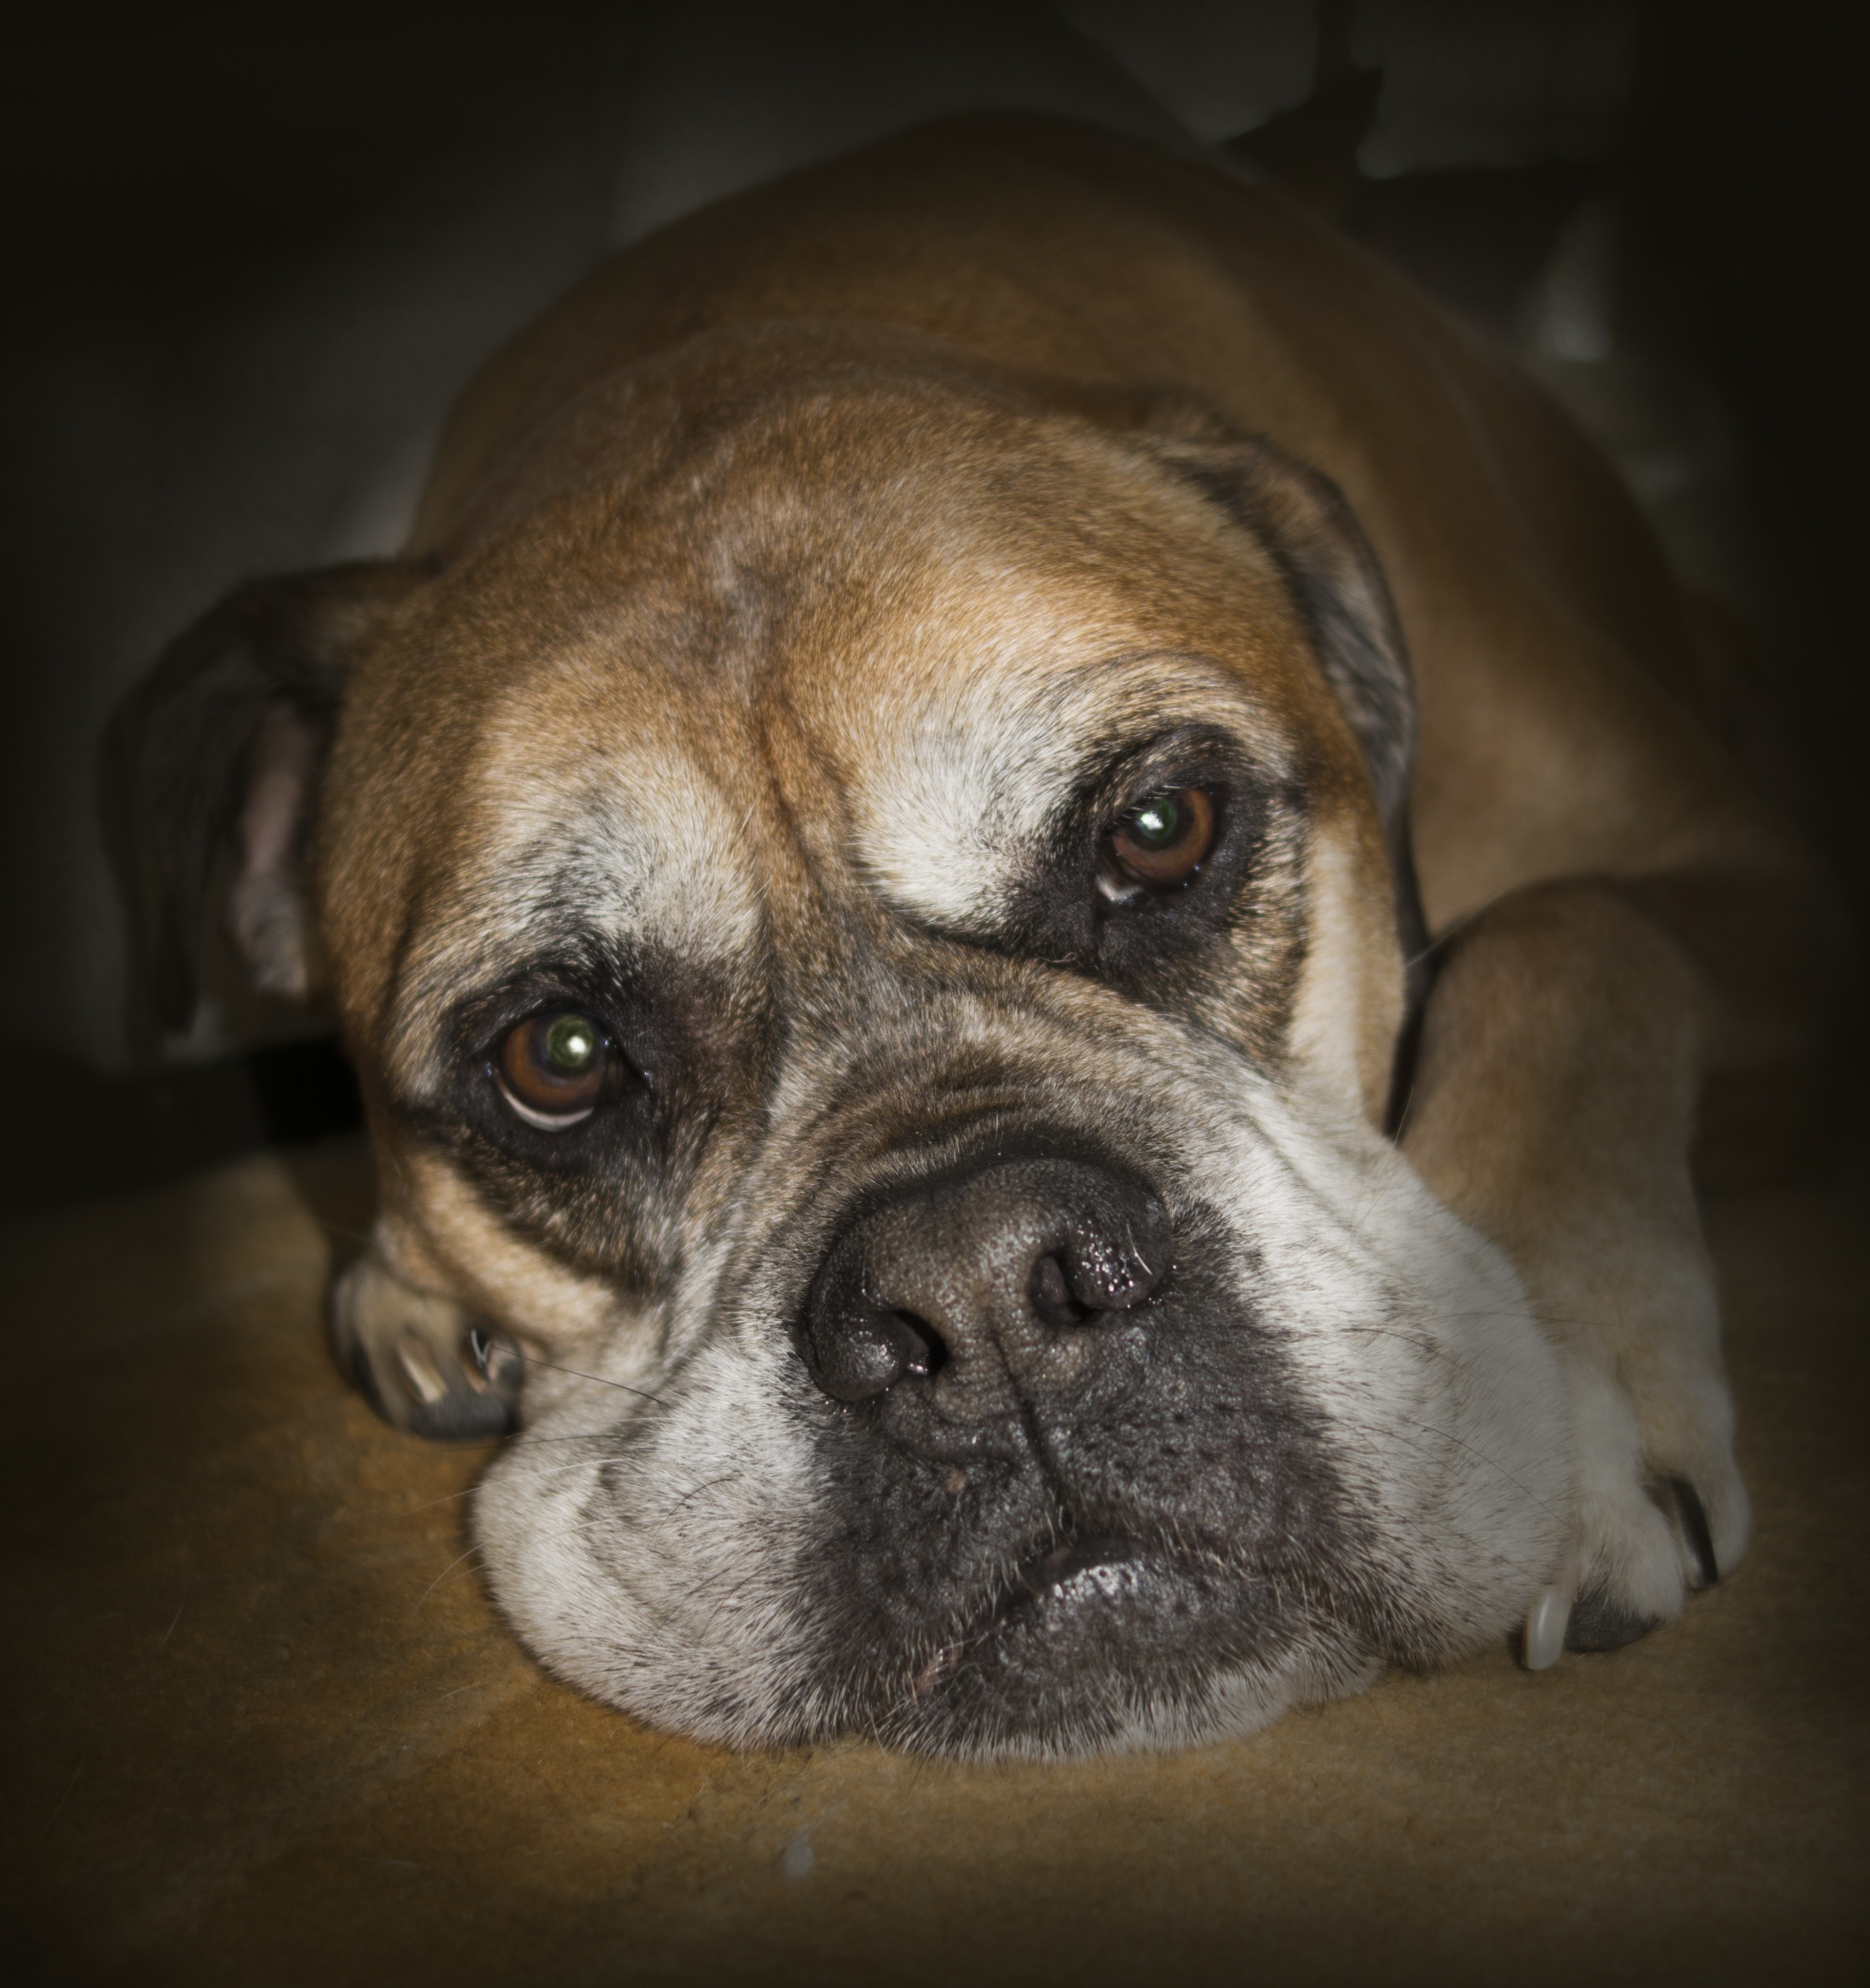 Free Images : puppy, cute, pet, portrait, boxer, close up, eyes ...